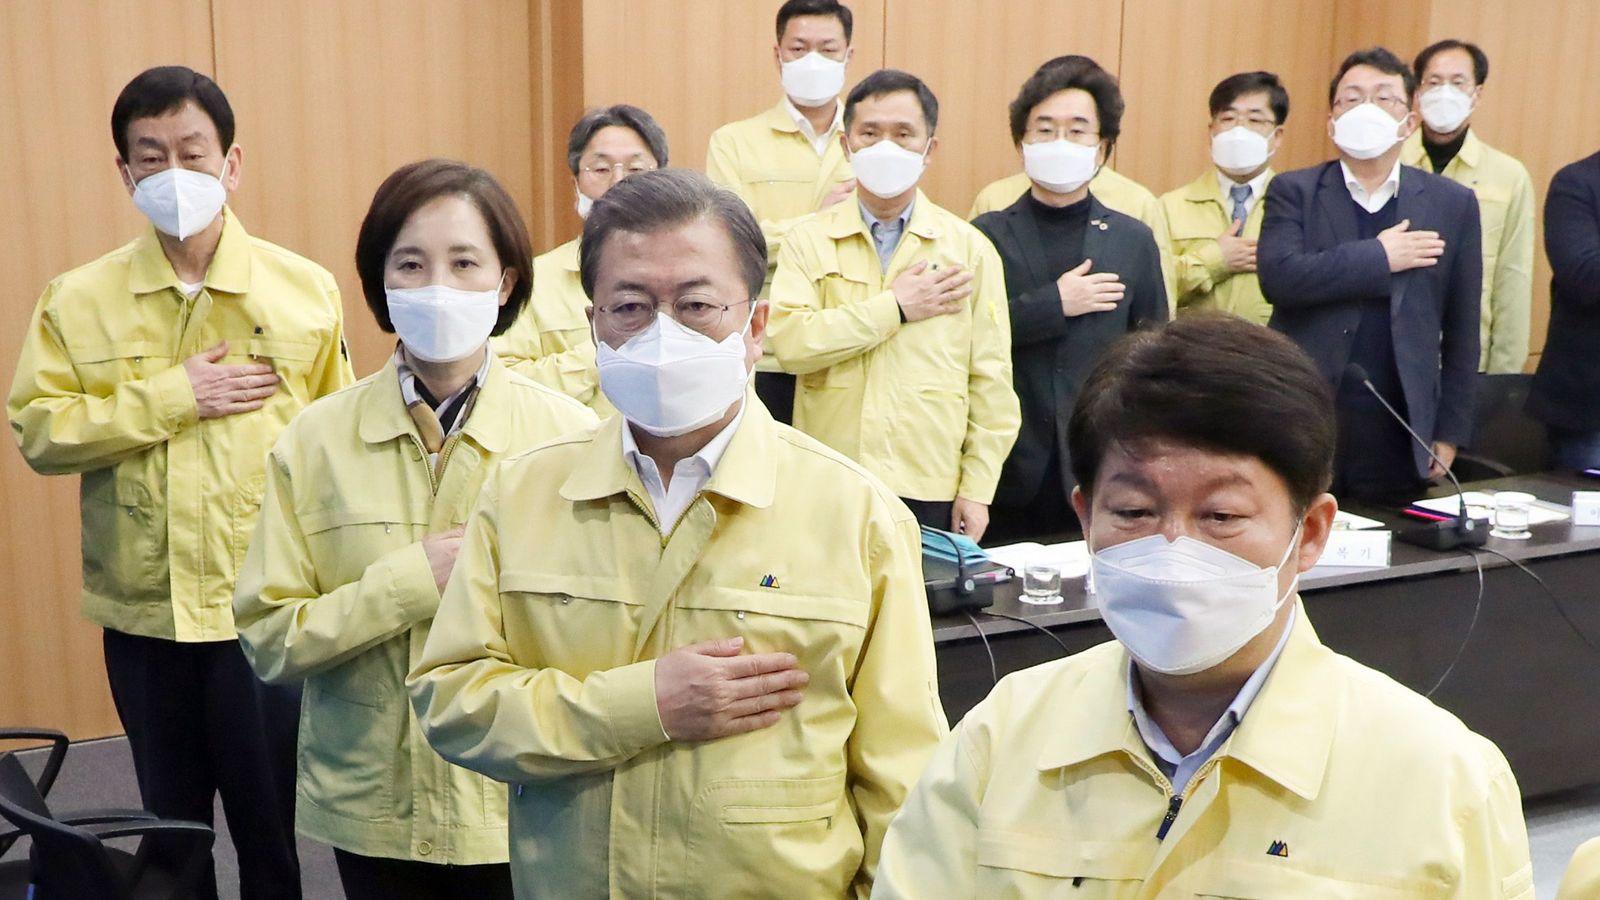 入国を制限されて「日本だけに対抗措置」をとる韓国のおかしさ 泥仕合を続けている場合ではない